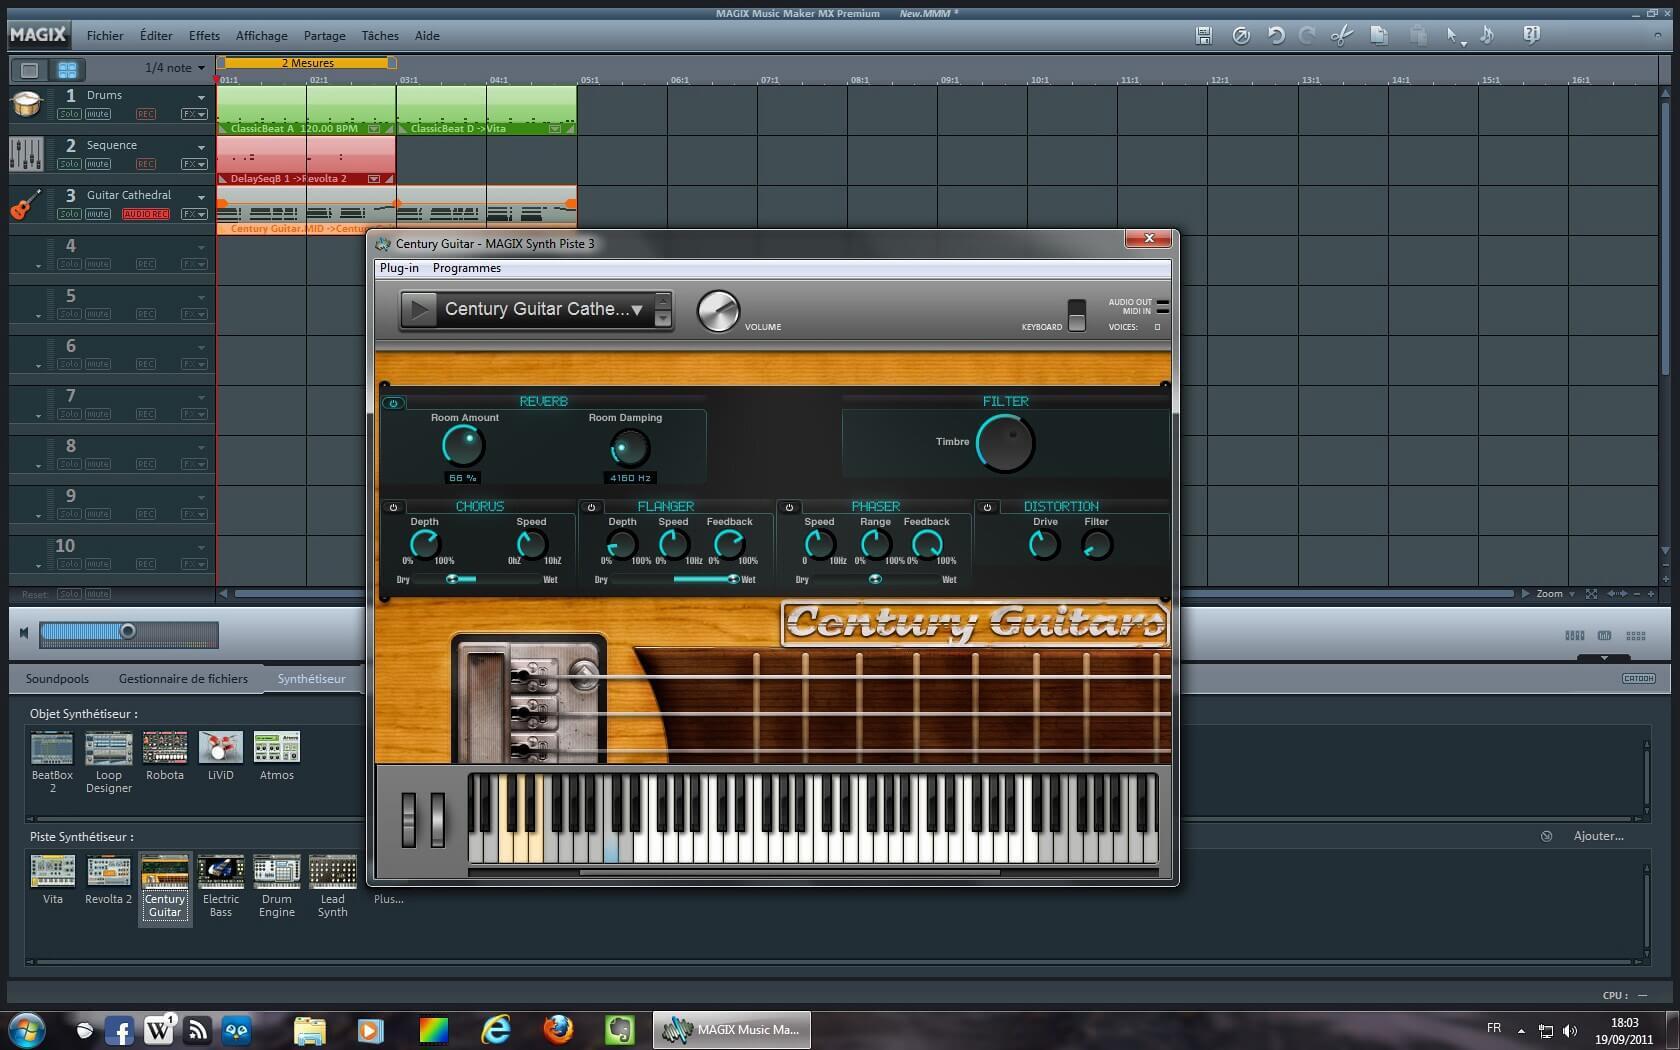 MAGIX Music Maker Suite